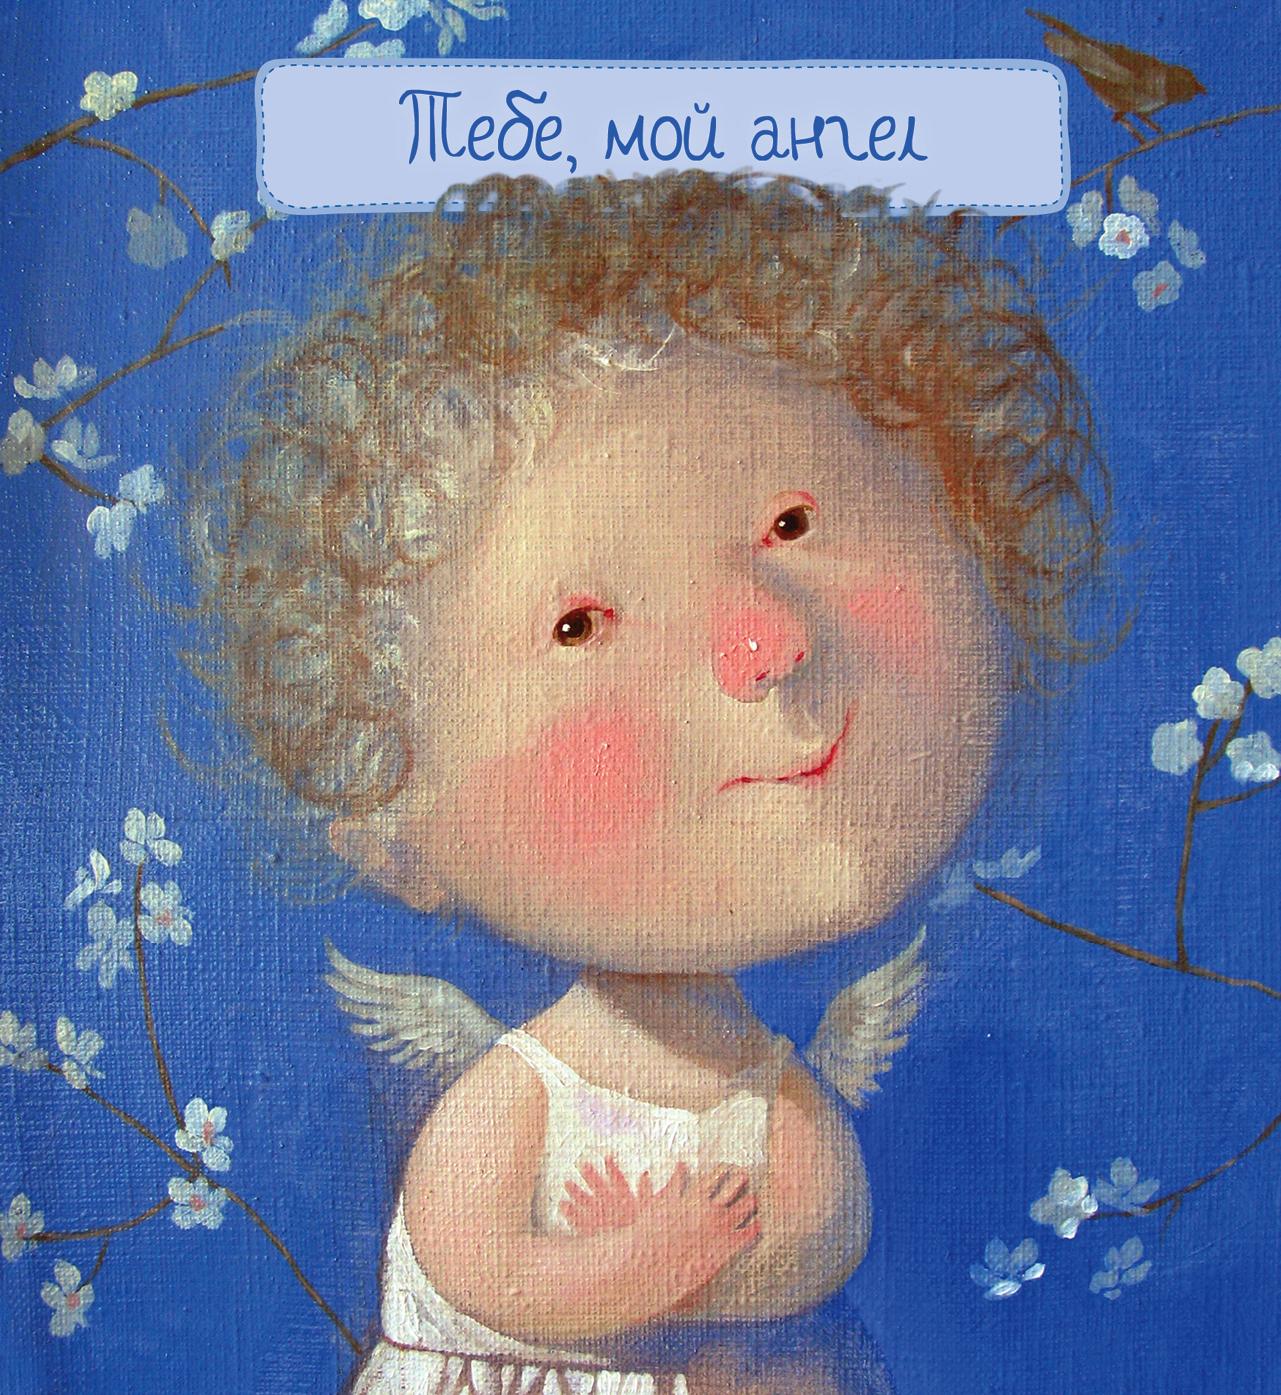 Тебе, мой ангел гапчинская евгения тебе мой ангел 15 открыток с картинками евгении гапчинской с пожеланиями для самых близких